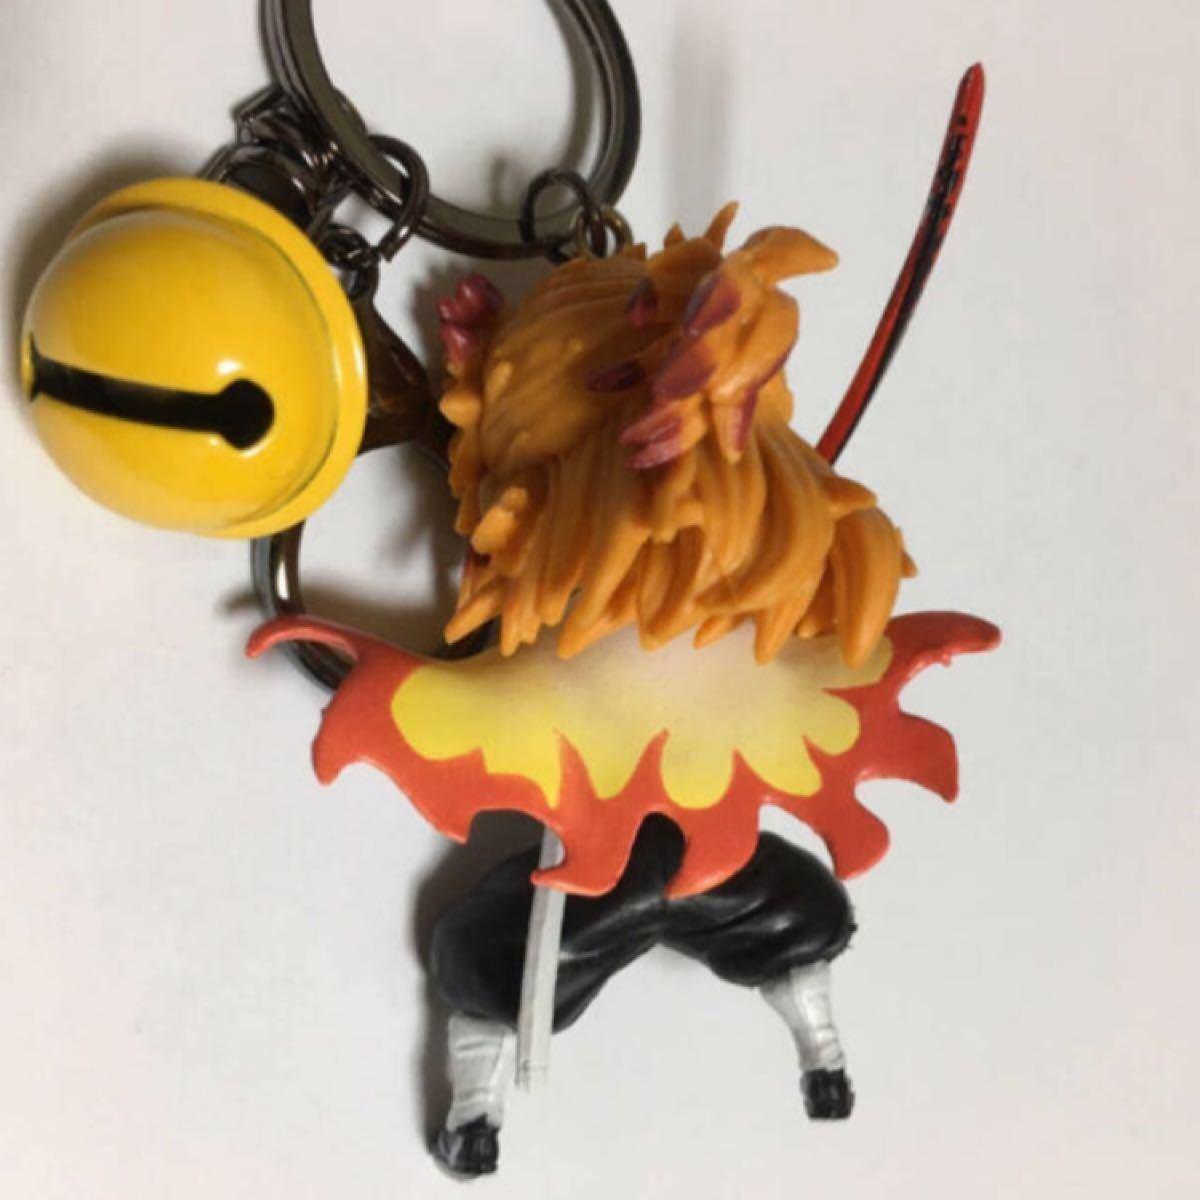 煉獄さんフィギュアキーホルダー/鈴付き/鬼滅の刃/炎柱 煉獄杏寿郎/キーリング